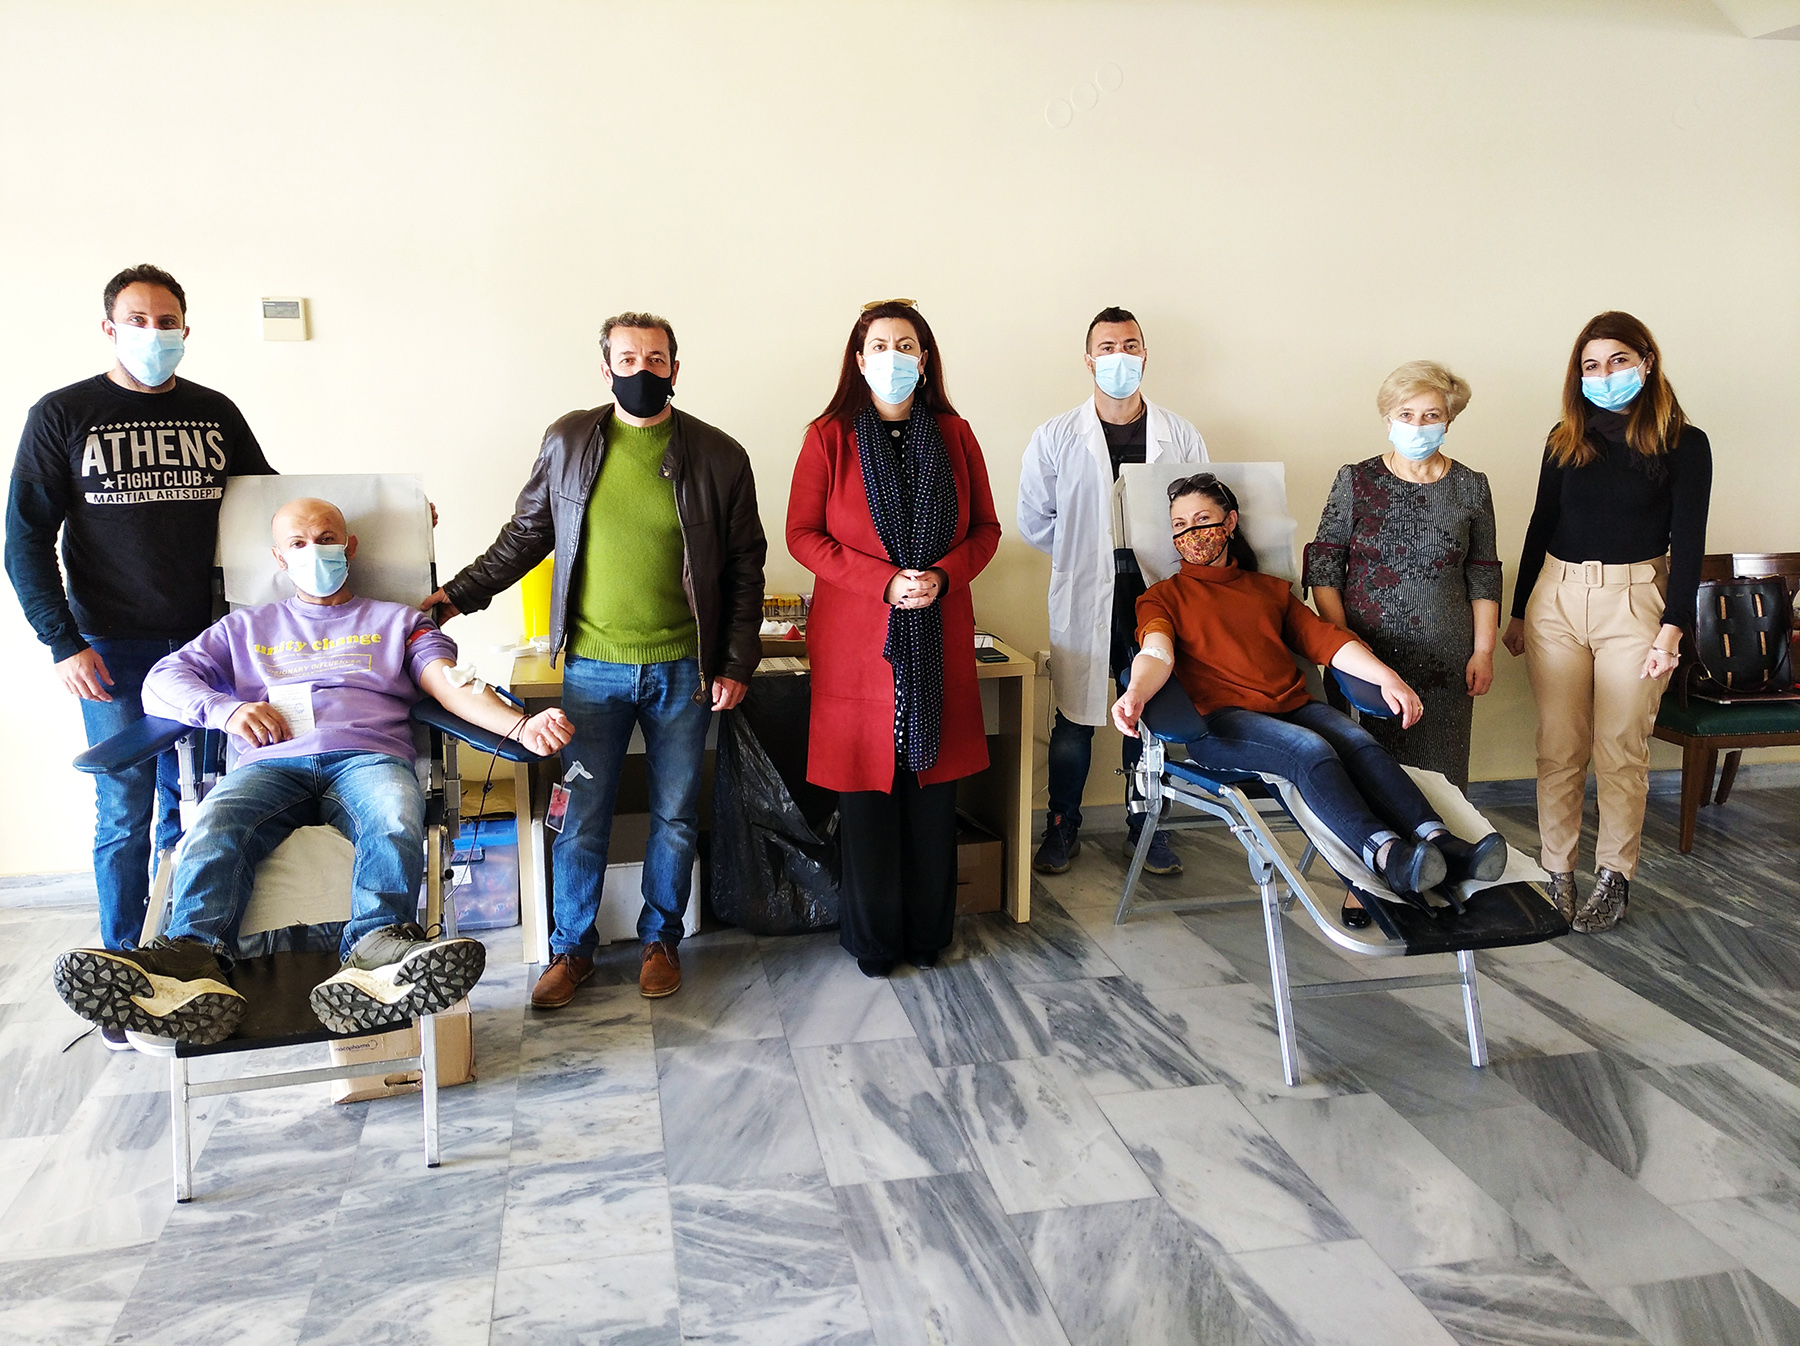 Με επιτυχία η αιμοδοσία στον Δήμο Αρχαίας Ολυμπίας (photos)